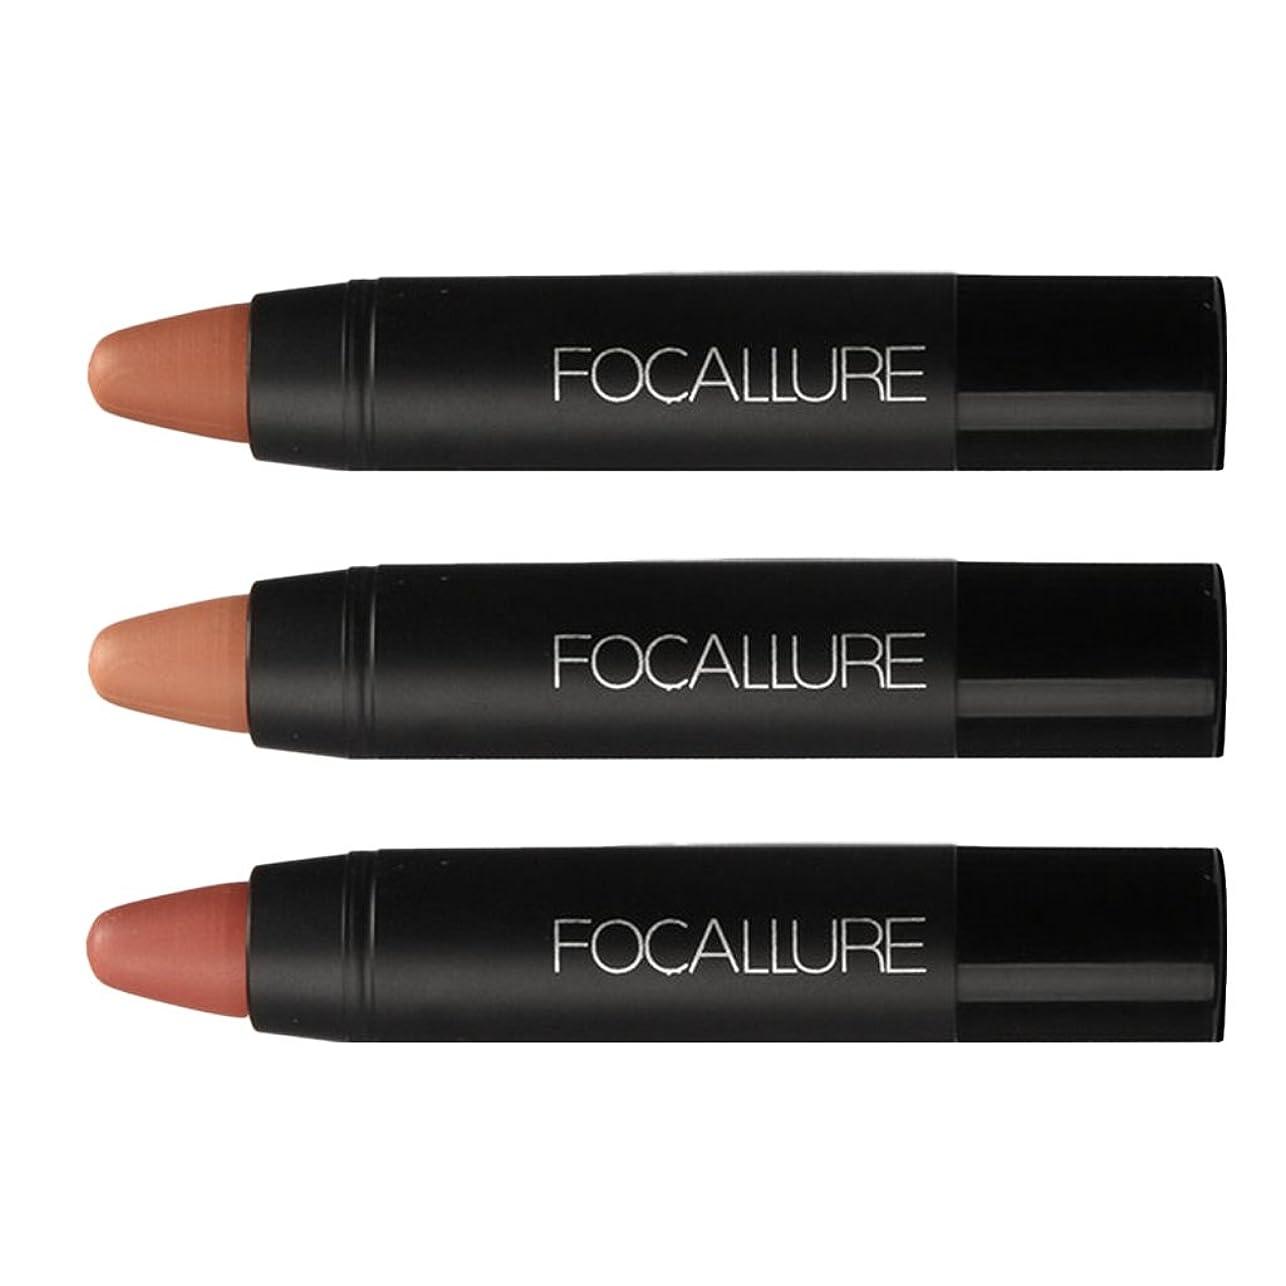 成功するテンションパネルPerfeclan 3色セット メイクアップ リップスティック リップ マット シマー ベルベット 潤い 唇メイク 光沢 3タイプ選べる - #2